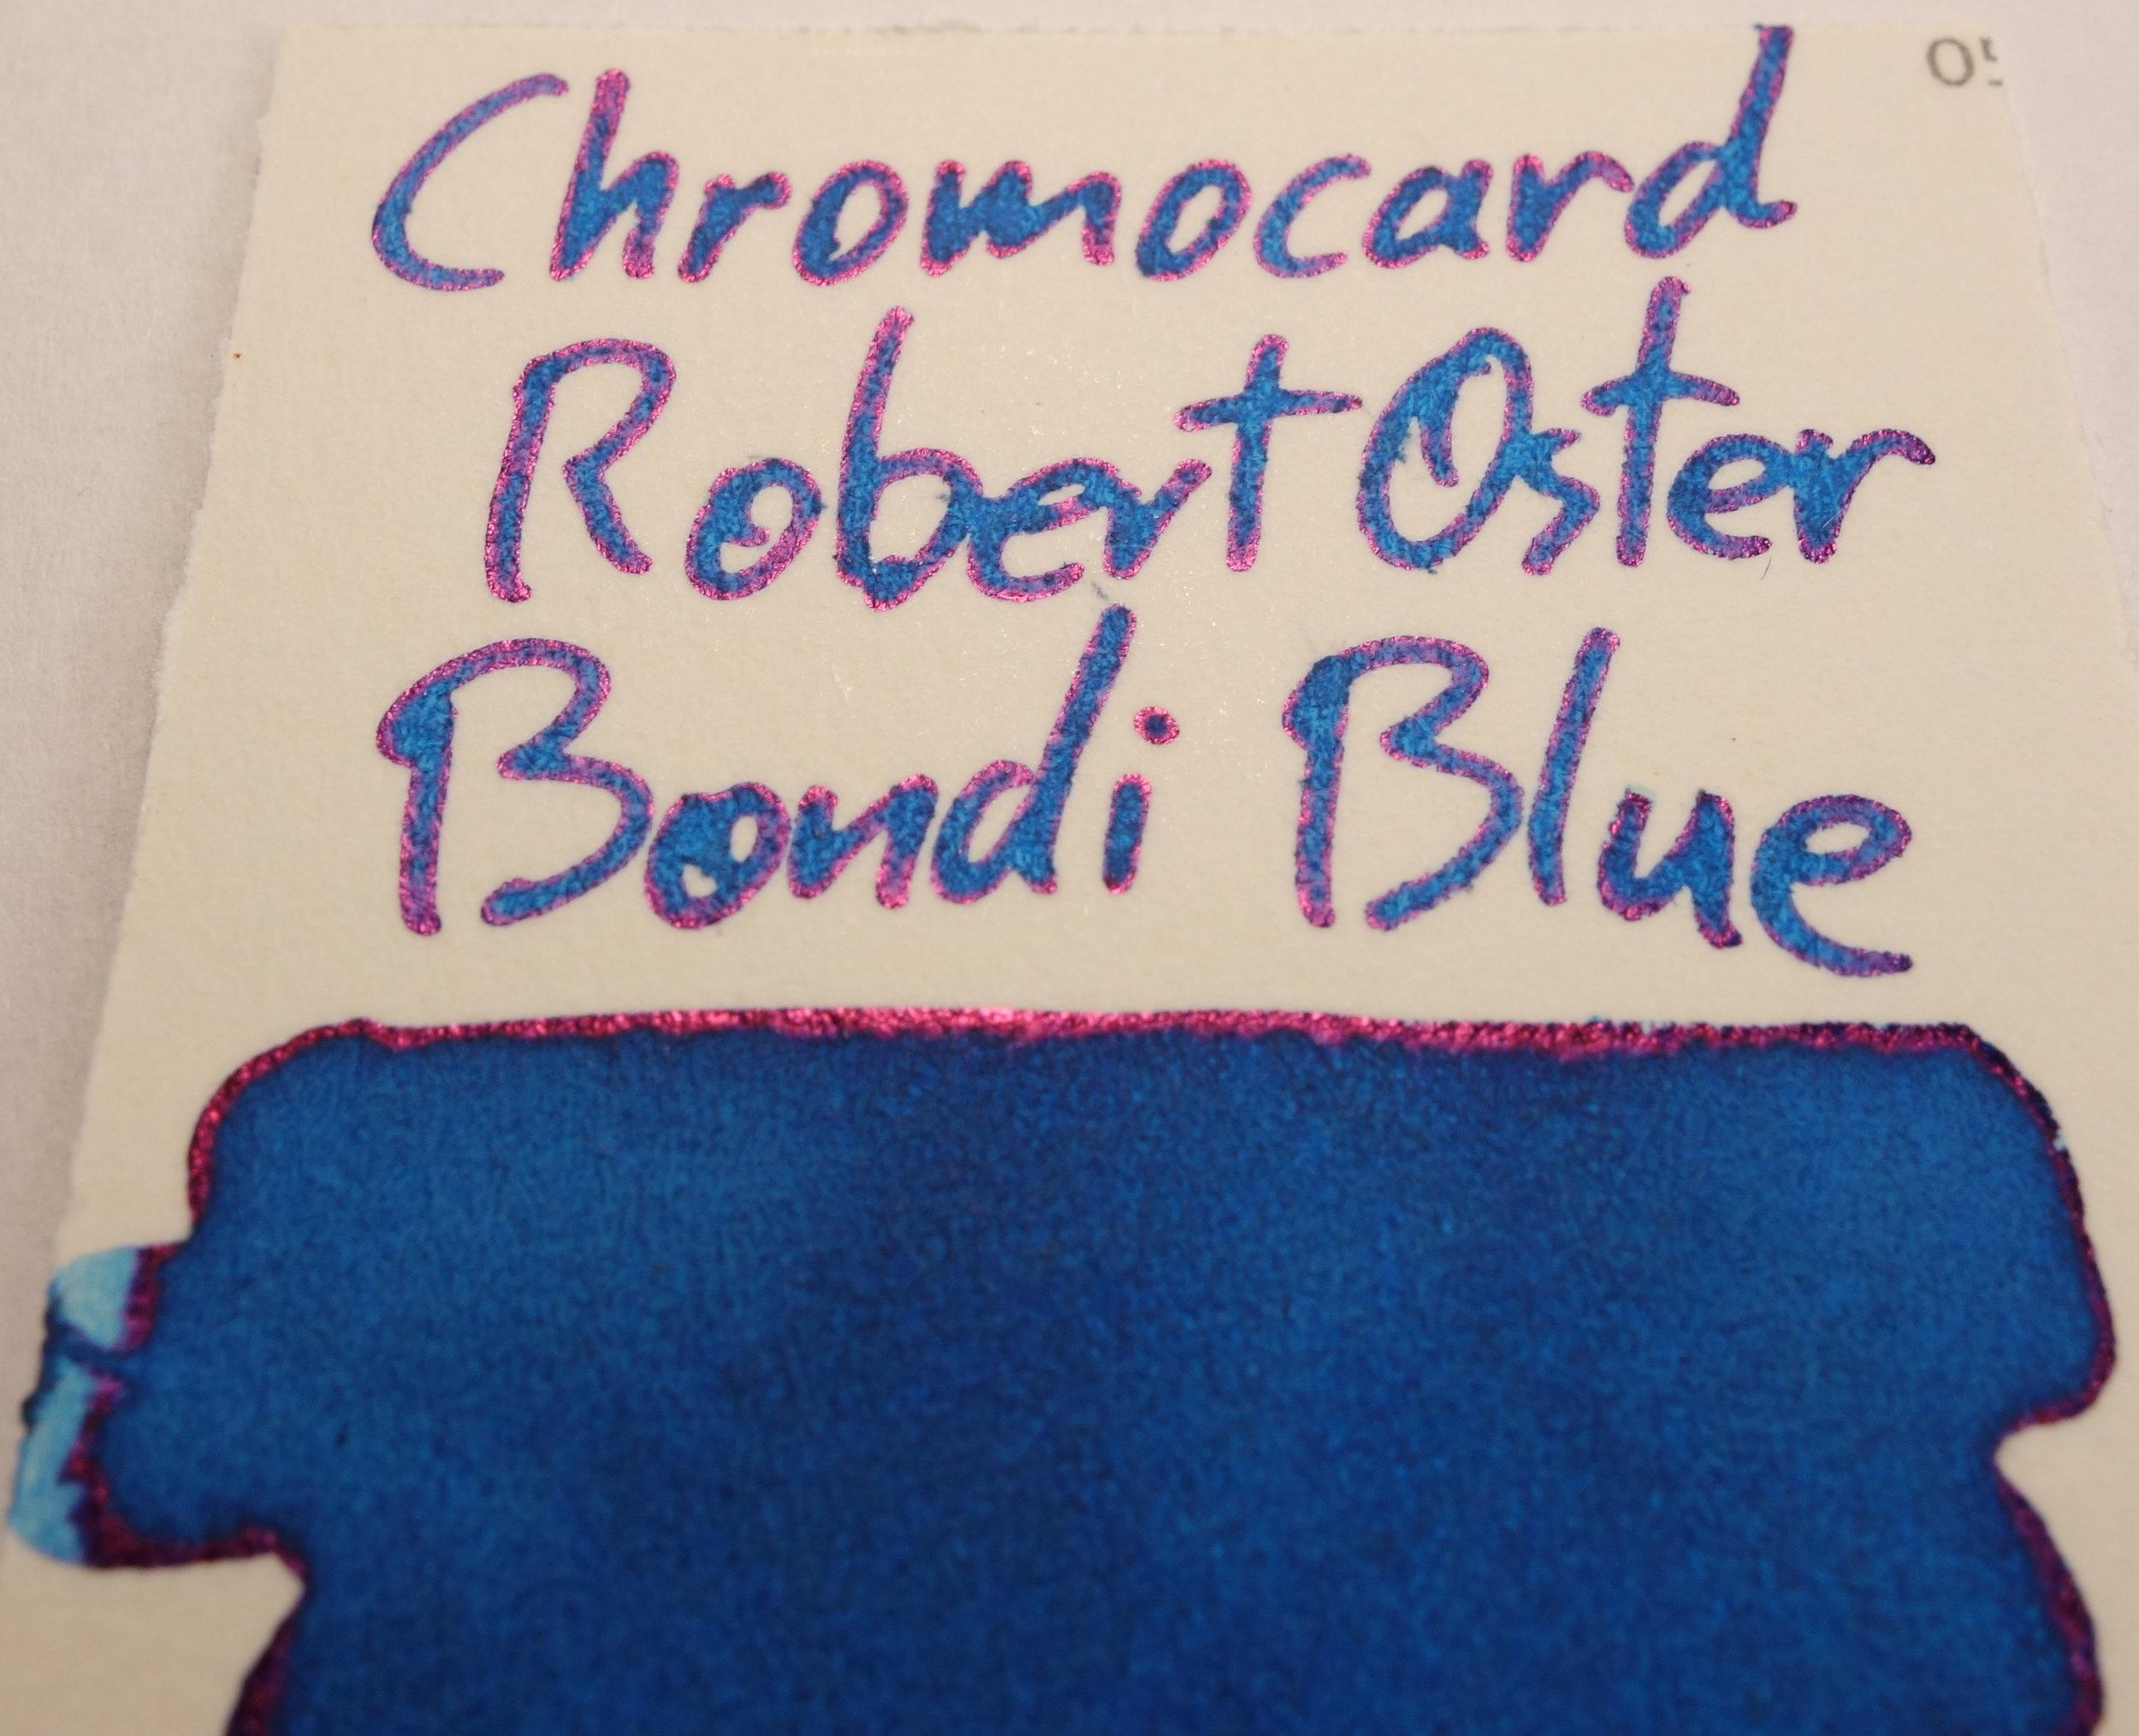 Robert Oster Bondi Blue Sheen Chromocard.JPG